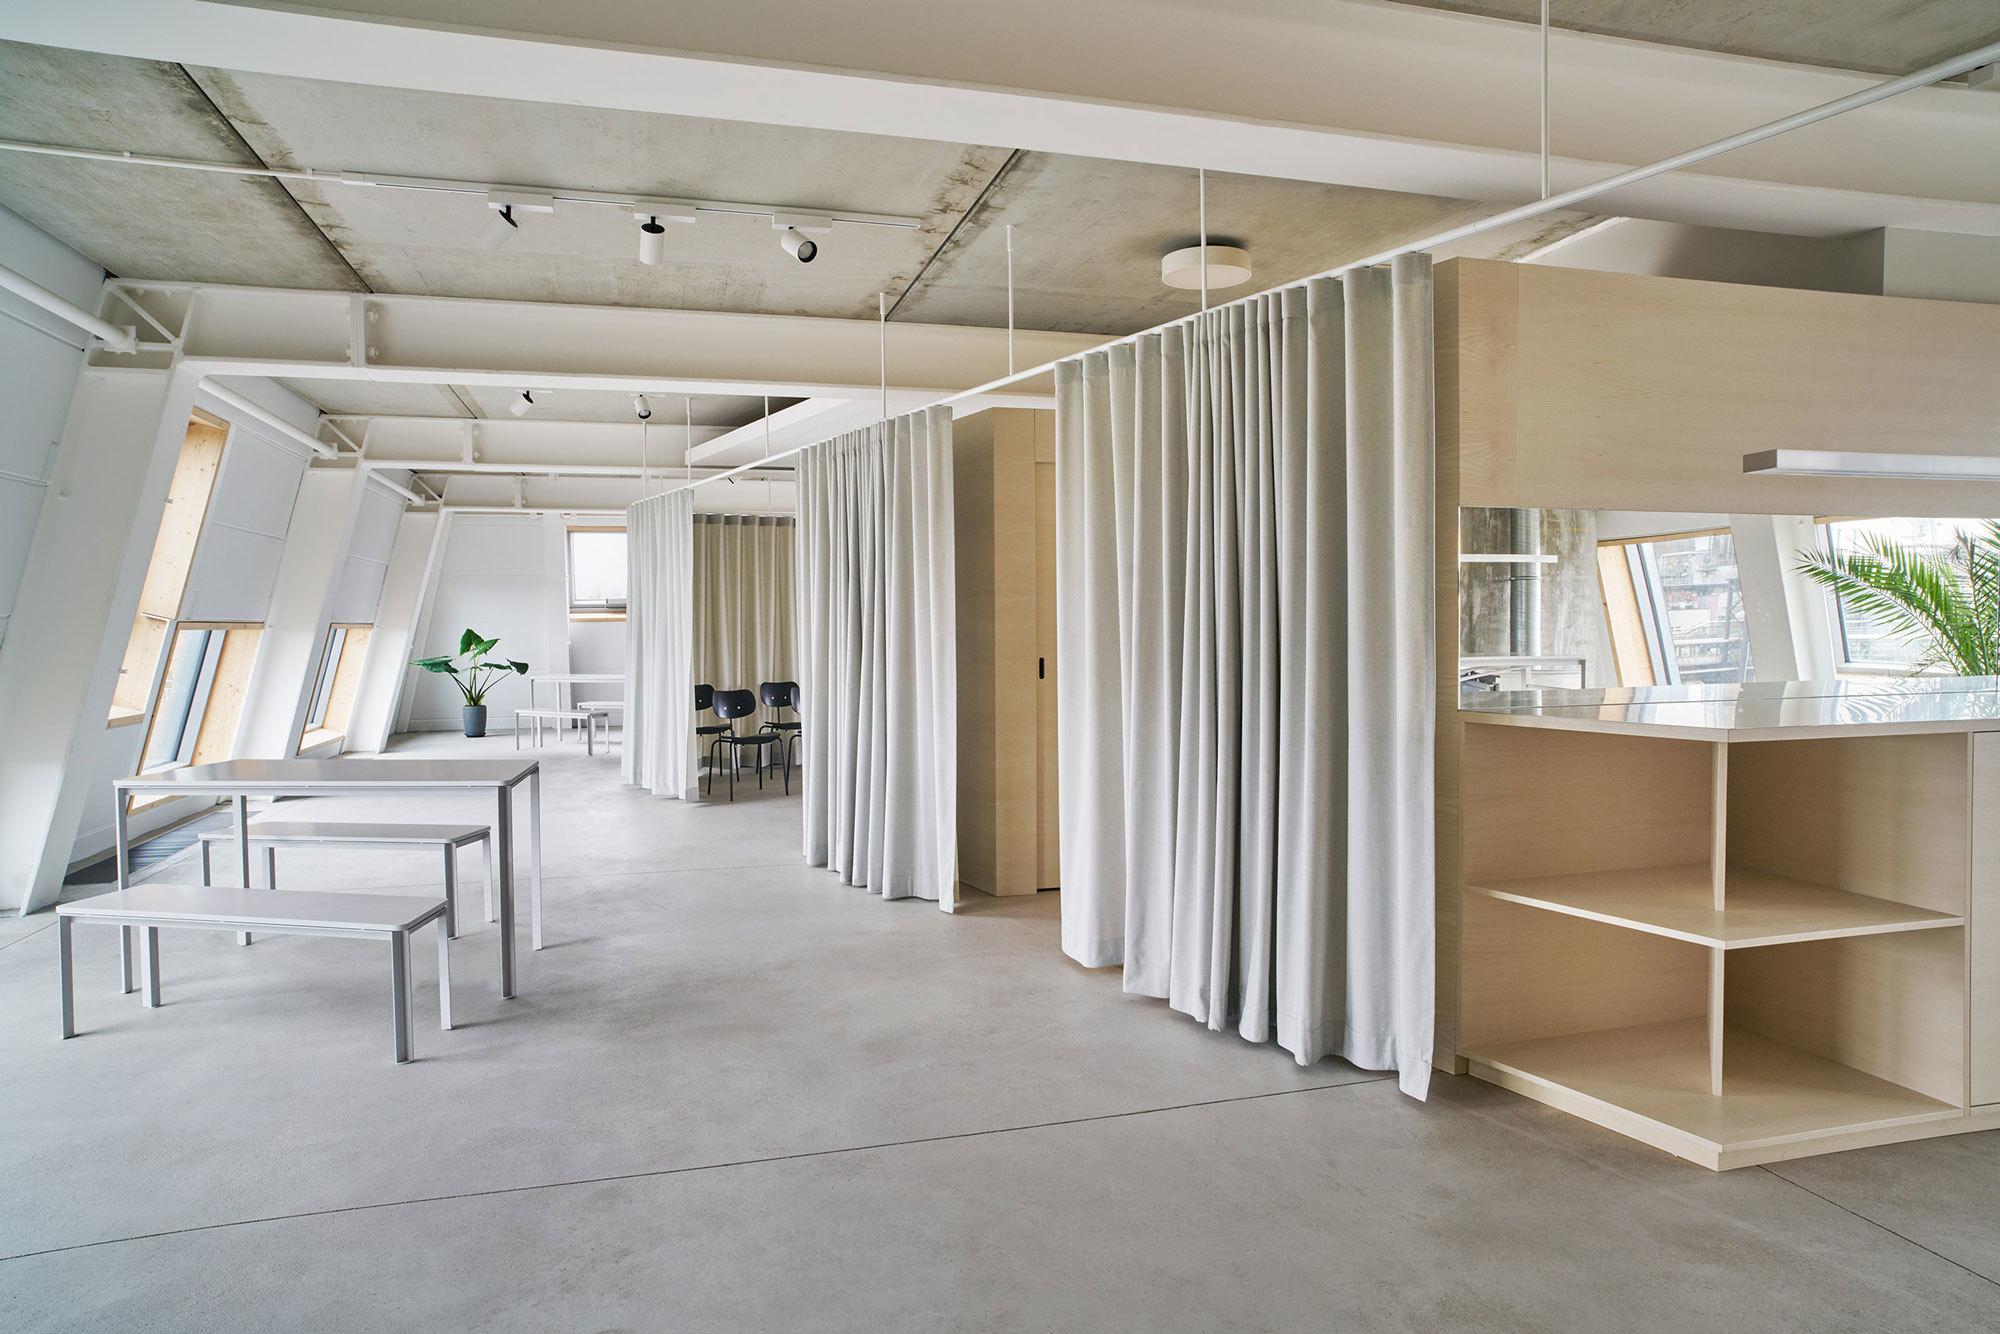 Auf dem Gelände einer ehemaligen Berliner Badeanstalt gestaltete der Architekt Gustav Düsing neue Agenturräume und begrünte Liegeflächen auf dem Dach.